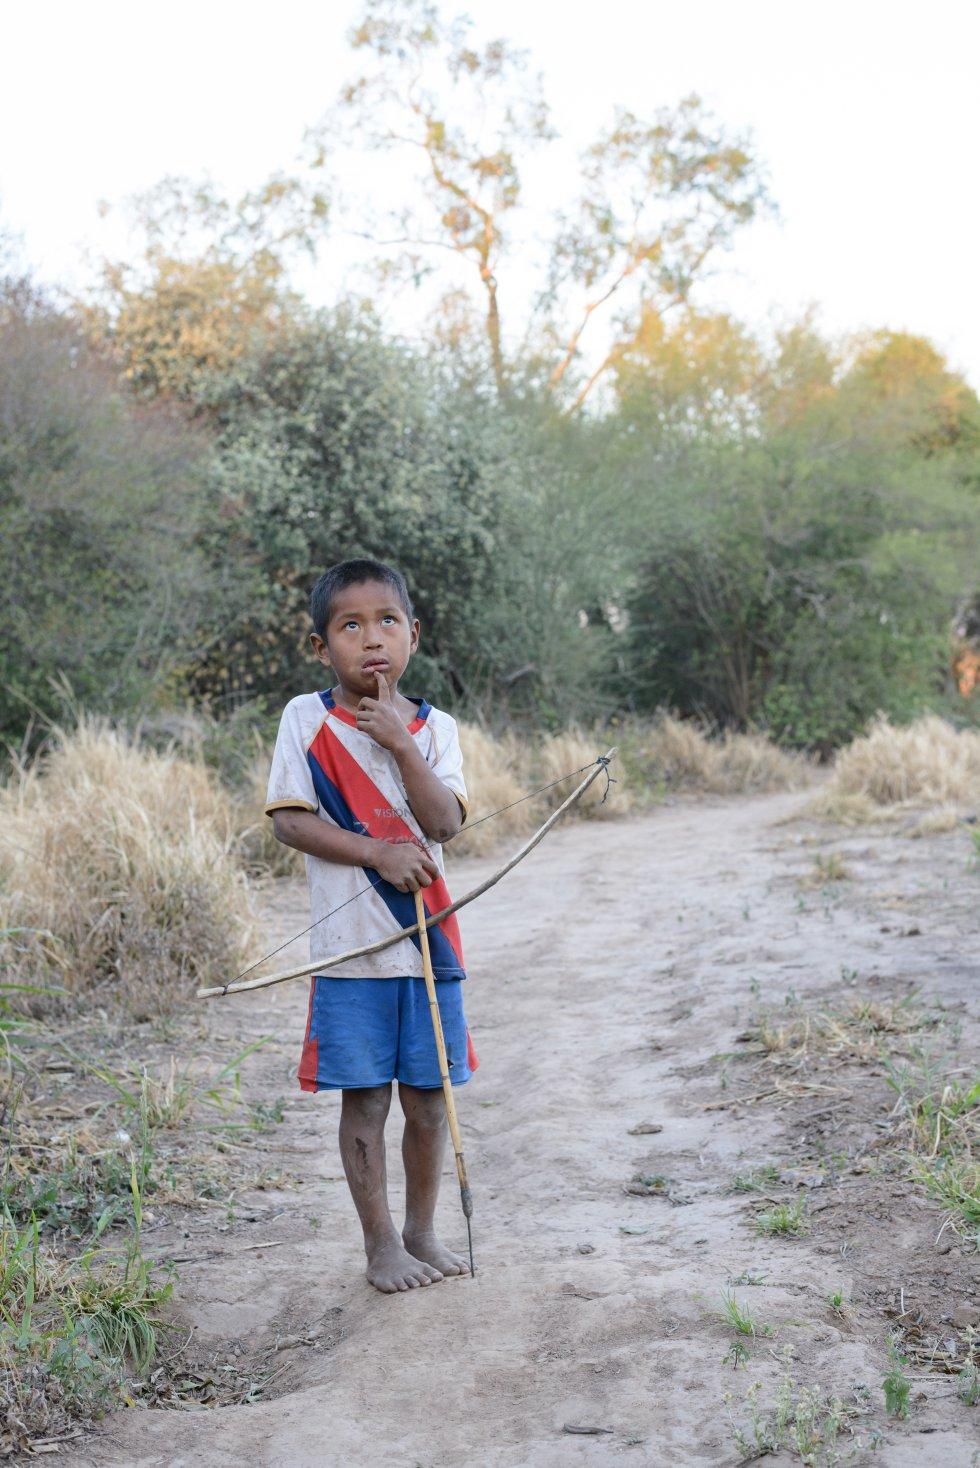 Las medidas cautelares ordenadas por la CIDH (Comisión Interamericana de Derechos Humanos) a Paraguay supone que el Estado deberá proteger los bosques, titular parte del territorio ancestral indígena, y prevenir contactos no deseados en ese territorio reconocido a favor de éste pueblo. Pero la petición, aún en trámite, no habla sólo de protección sino de restitución de tierras, reclamadas por los Ayoreo Totobiegosode hace más de veinte años.rn